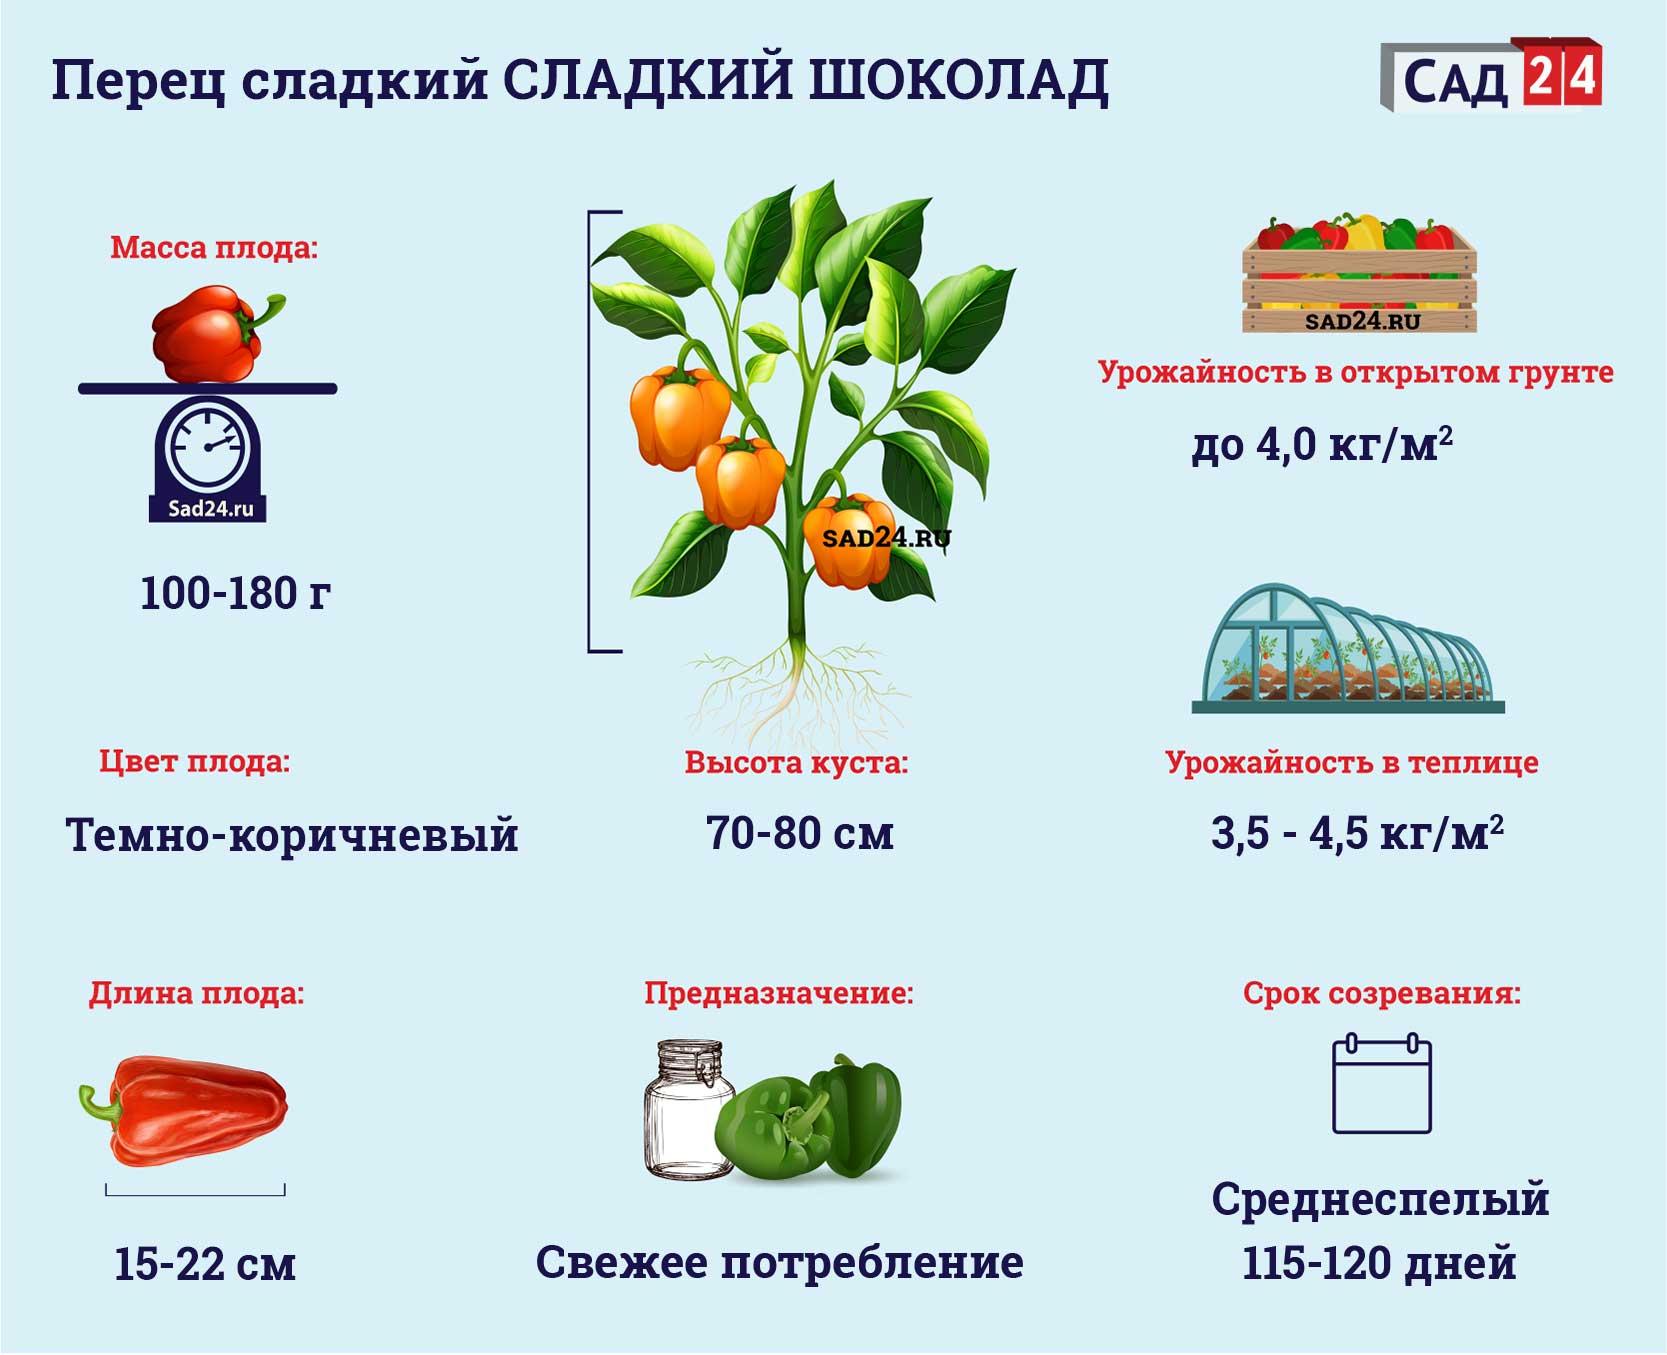 Сладкий шоколад https://sad24.ru